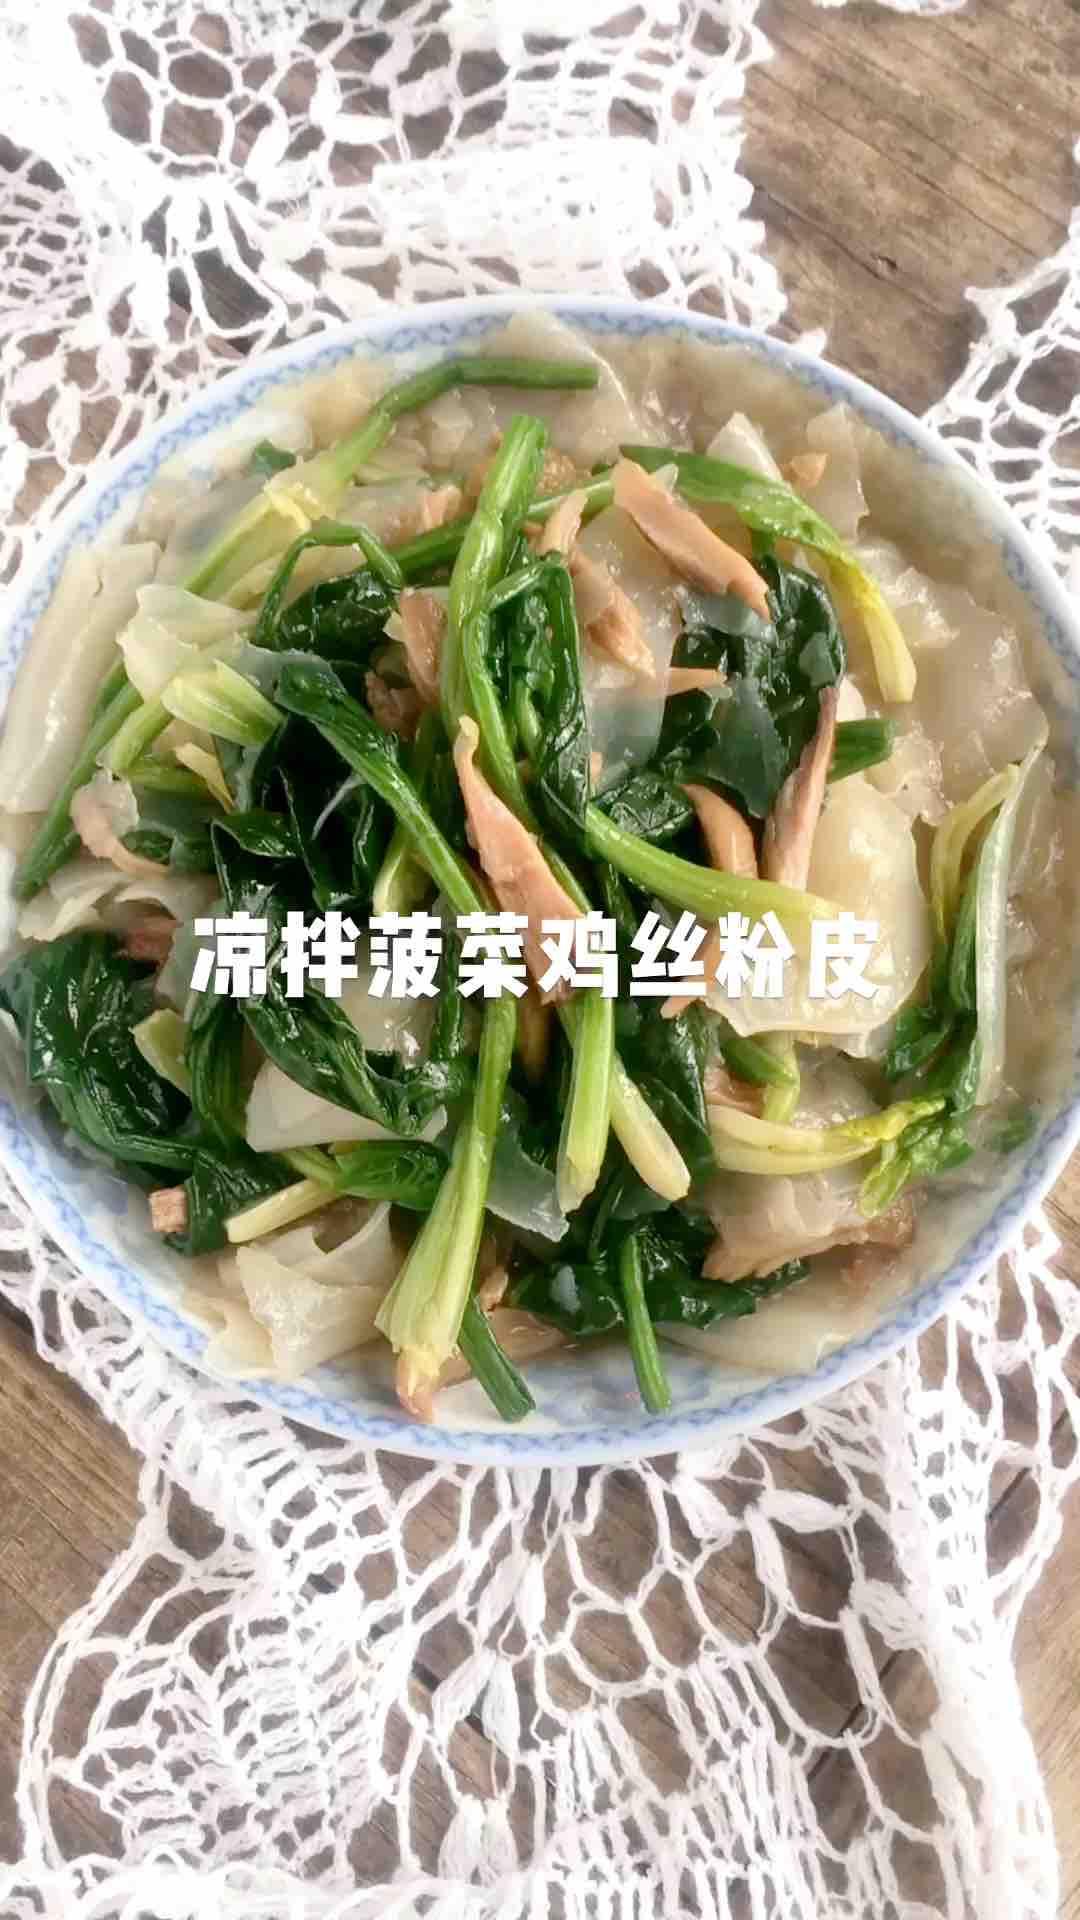 凉拌菠菜鸡丝粉皮